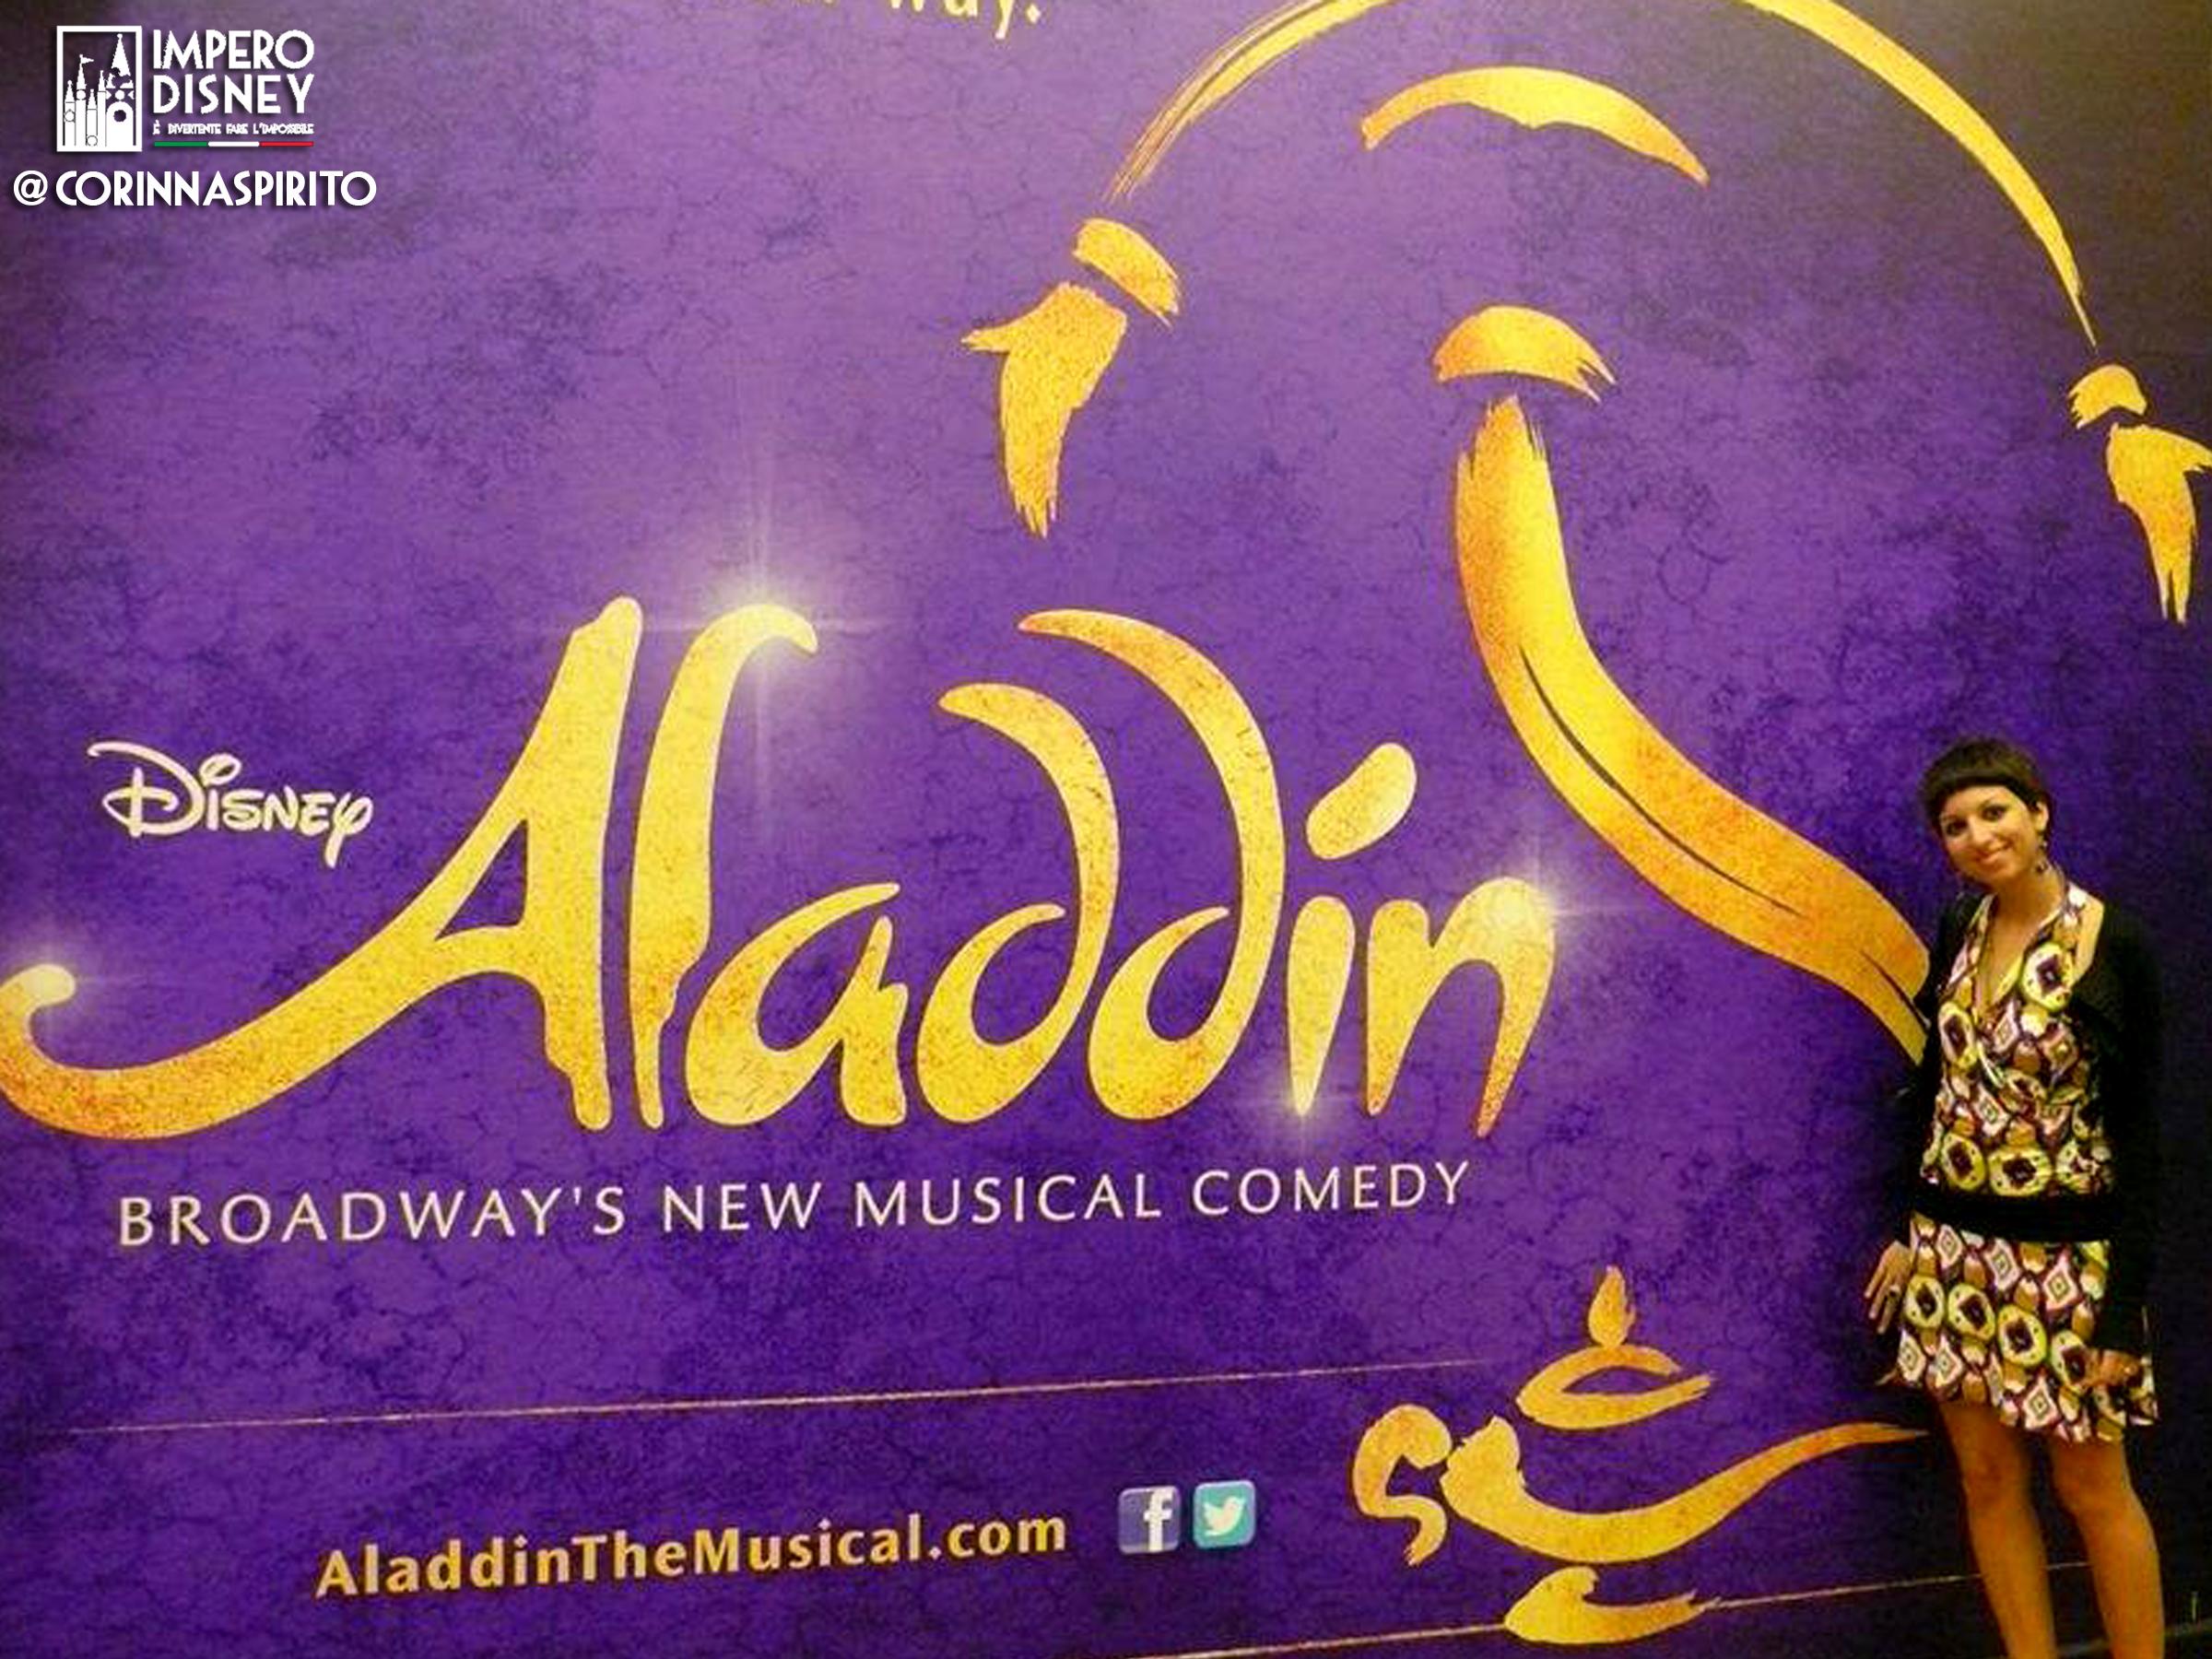 dal film al musical, aladdin – la recensione! | impero disney